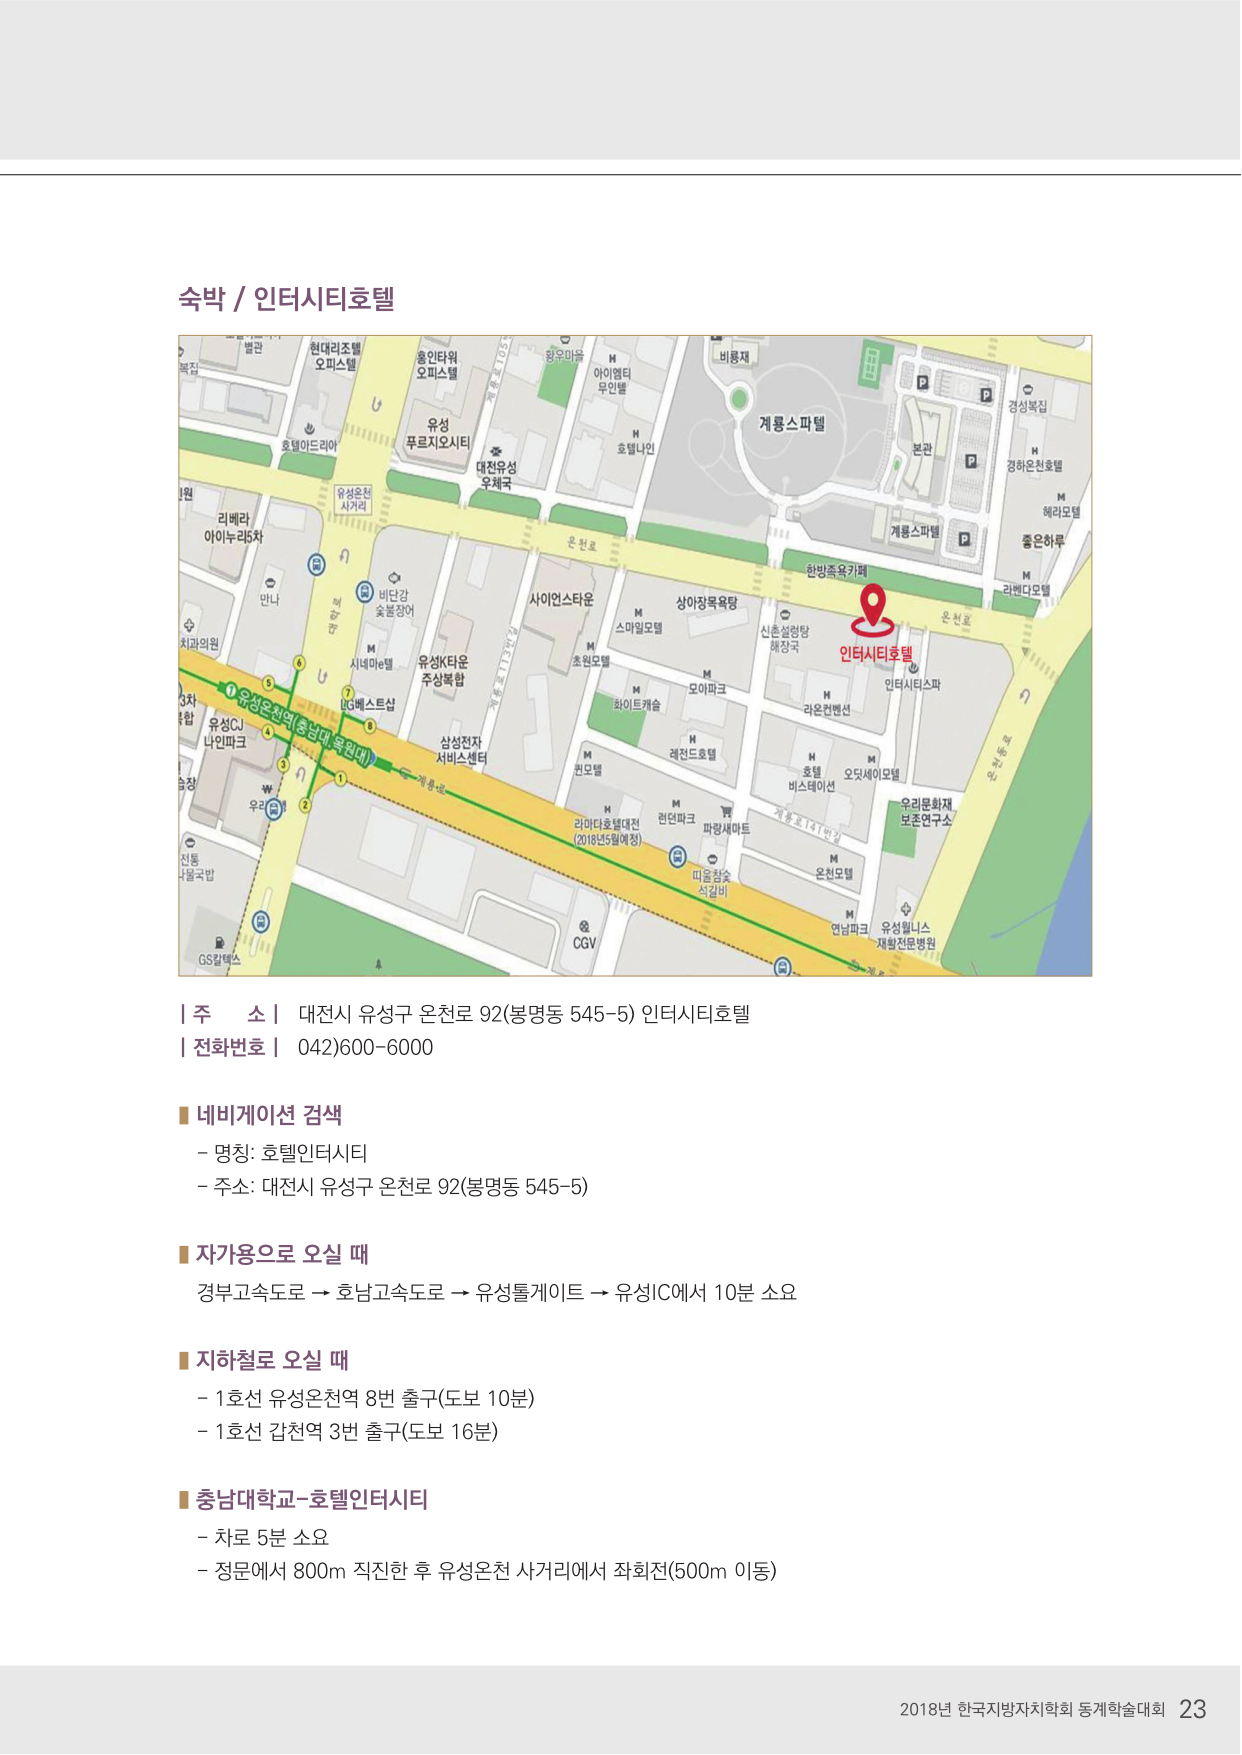 초청장_동계학술대회_한국지방자치학회(최종본)-23.jpg